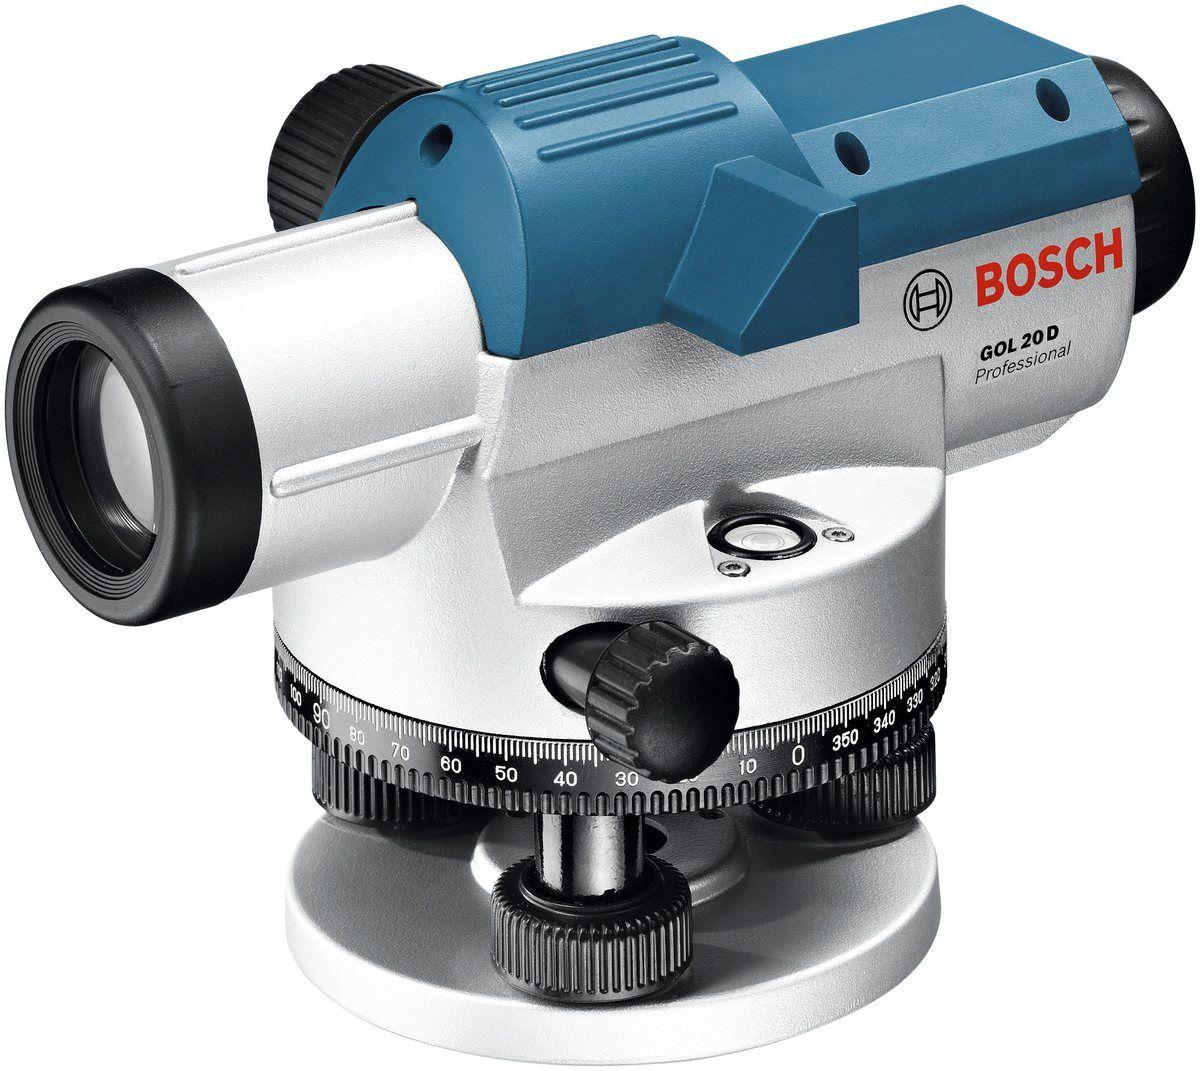 BOSCH PROFESSIONAL Nivelliersystem »GOL 20 D«, optisch